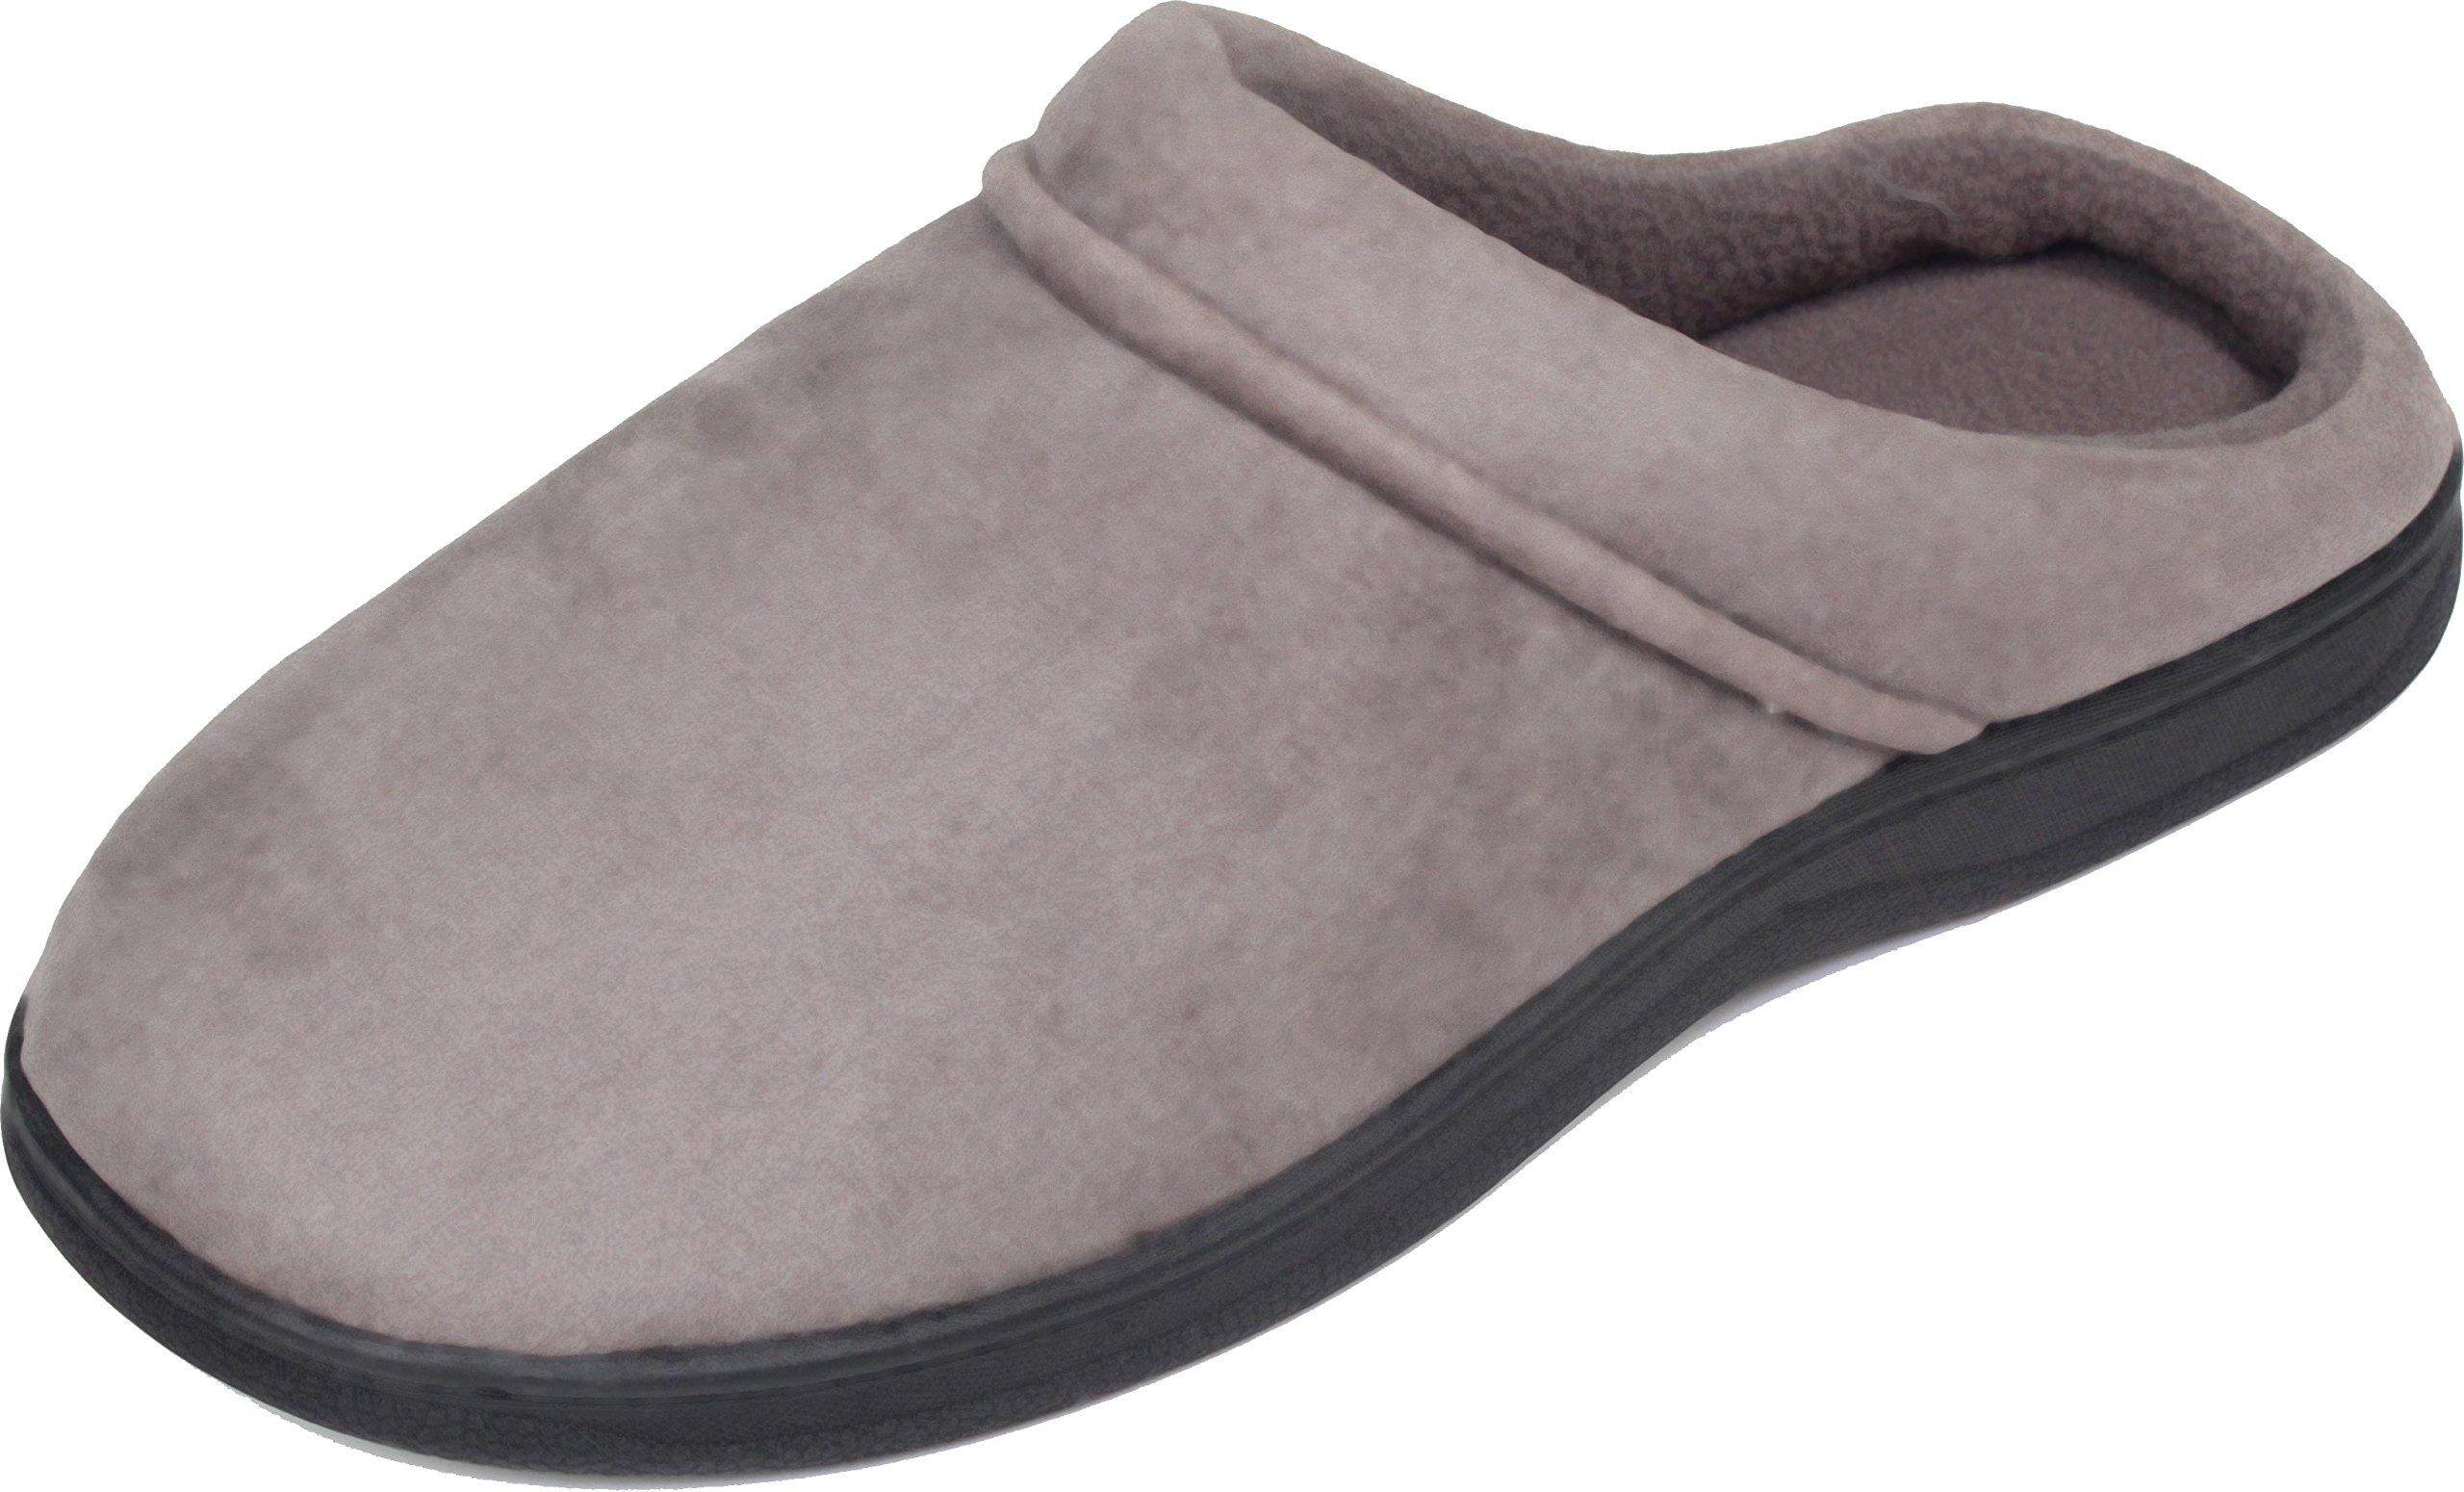 LUXEHOME Men's Slip On Indoor/Outdoor Fleece Scuffs Slipper (8-9 US, Gray)